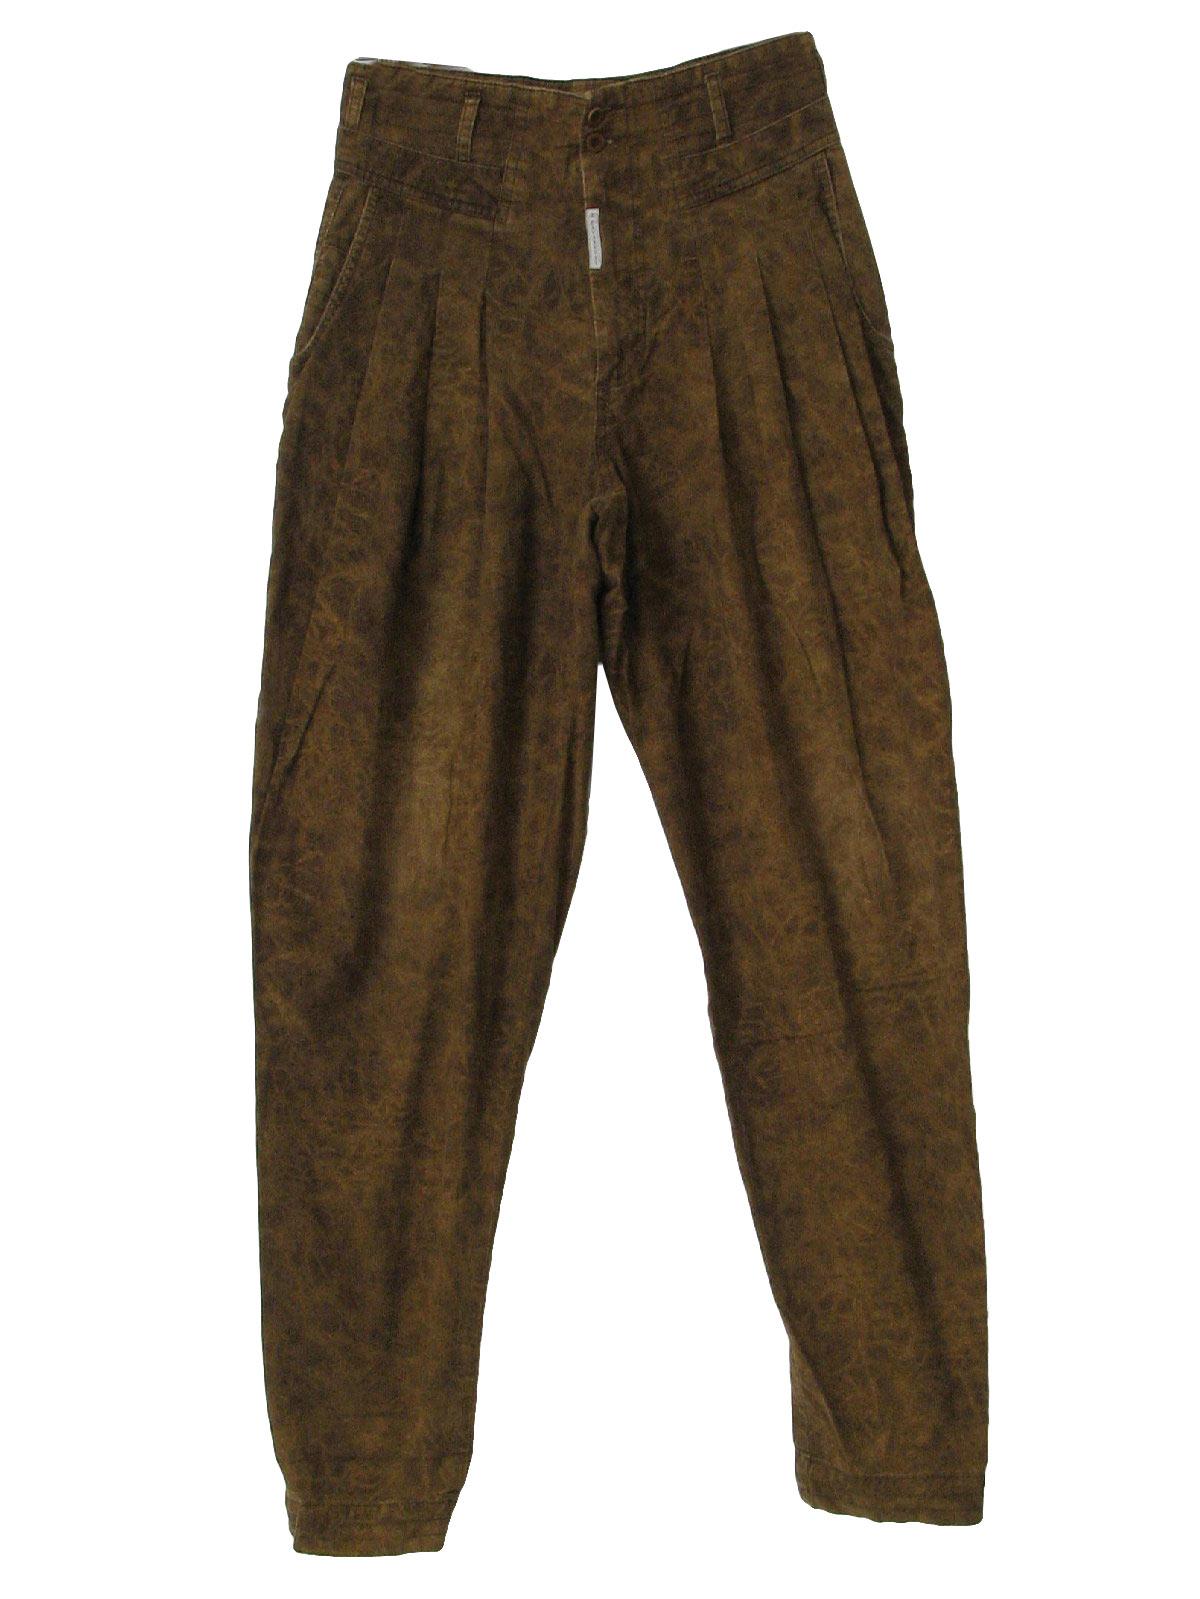 1980 S Vintage Z Cavaricci Pants 80s Z Cavaricci Mens